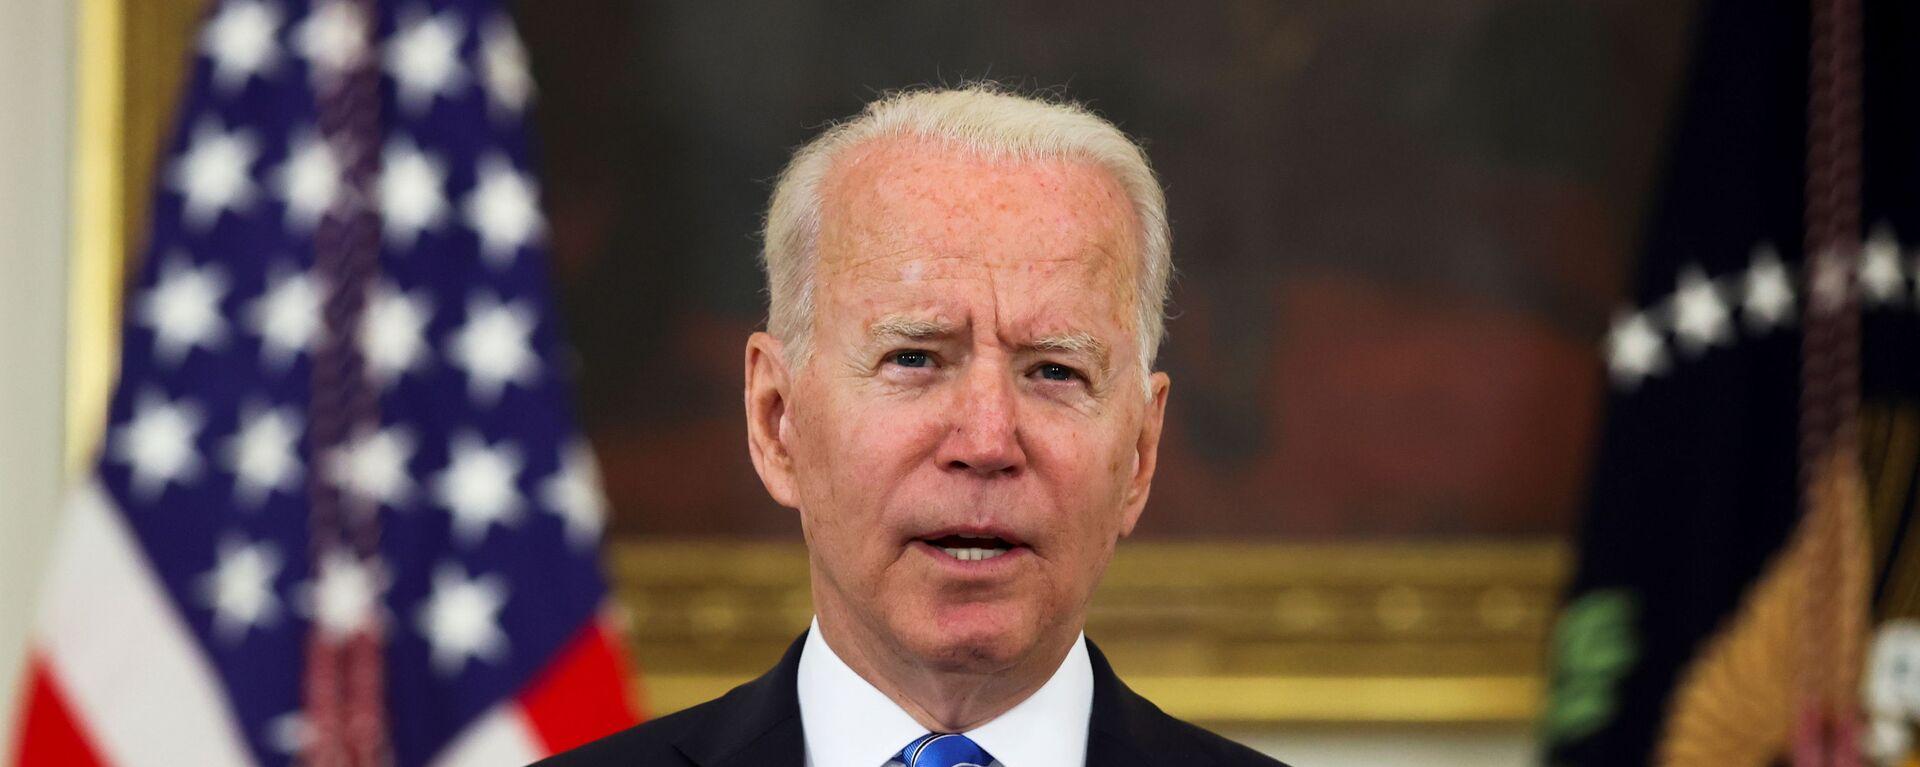 Tổng thống Mỹ Joe Biden - Sputnik Việt Nam, 1920, 17.08.2021